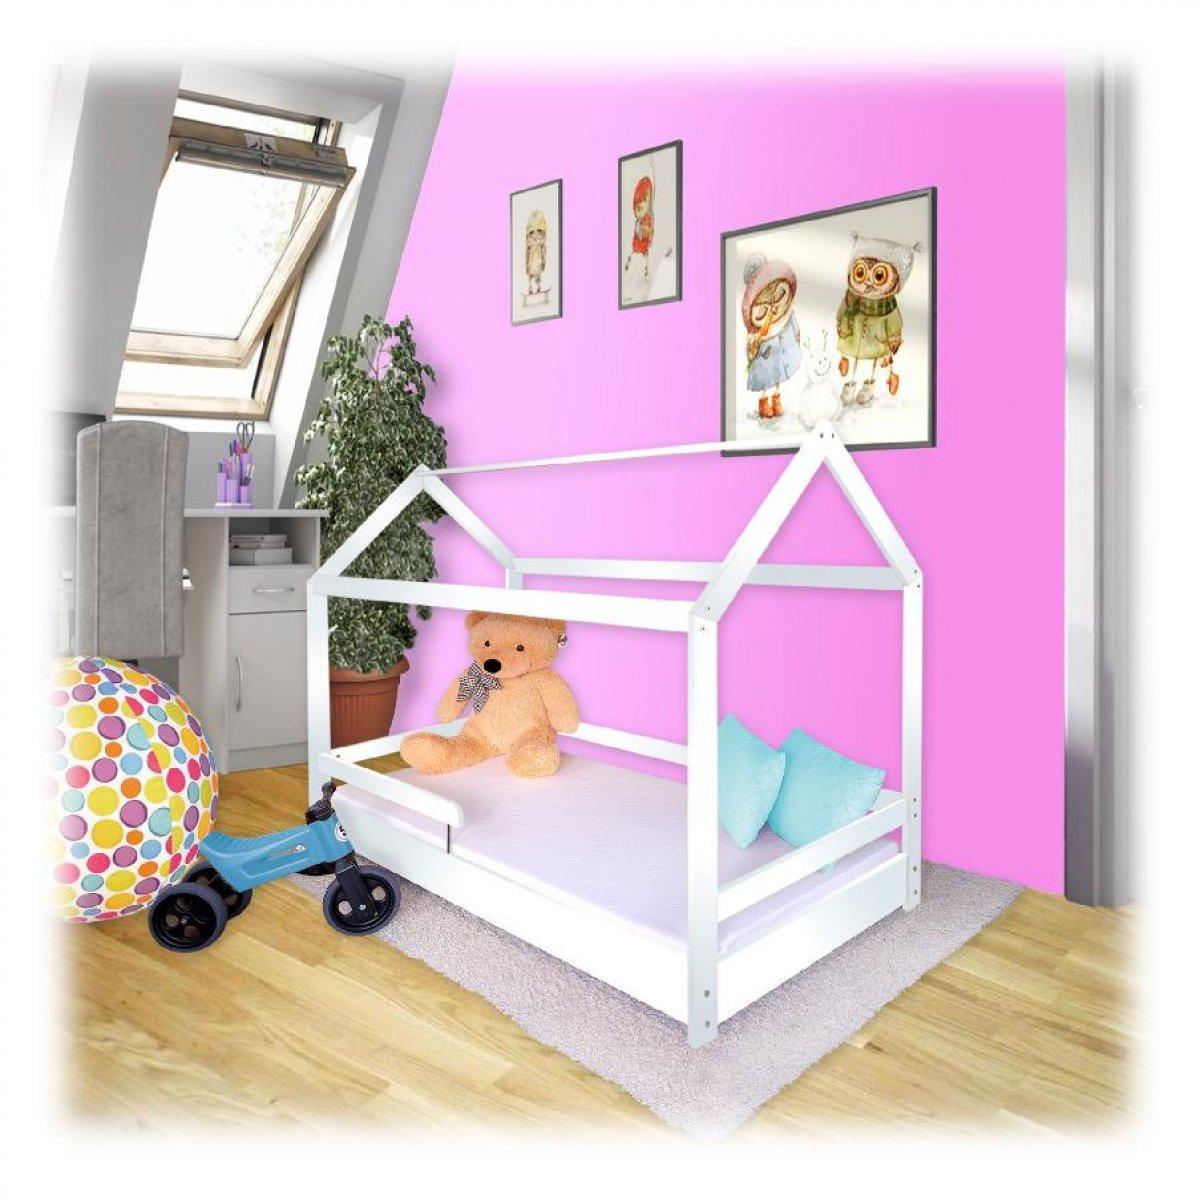 Dětská postel domeček 160/80 cm + rošt